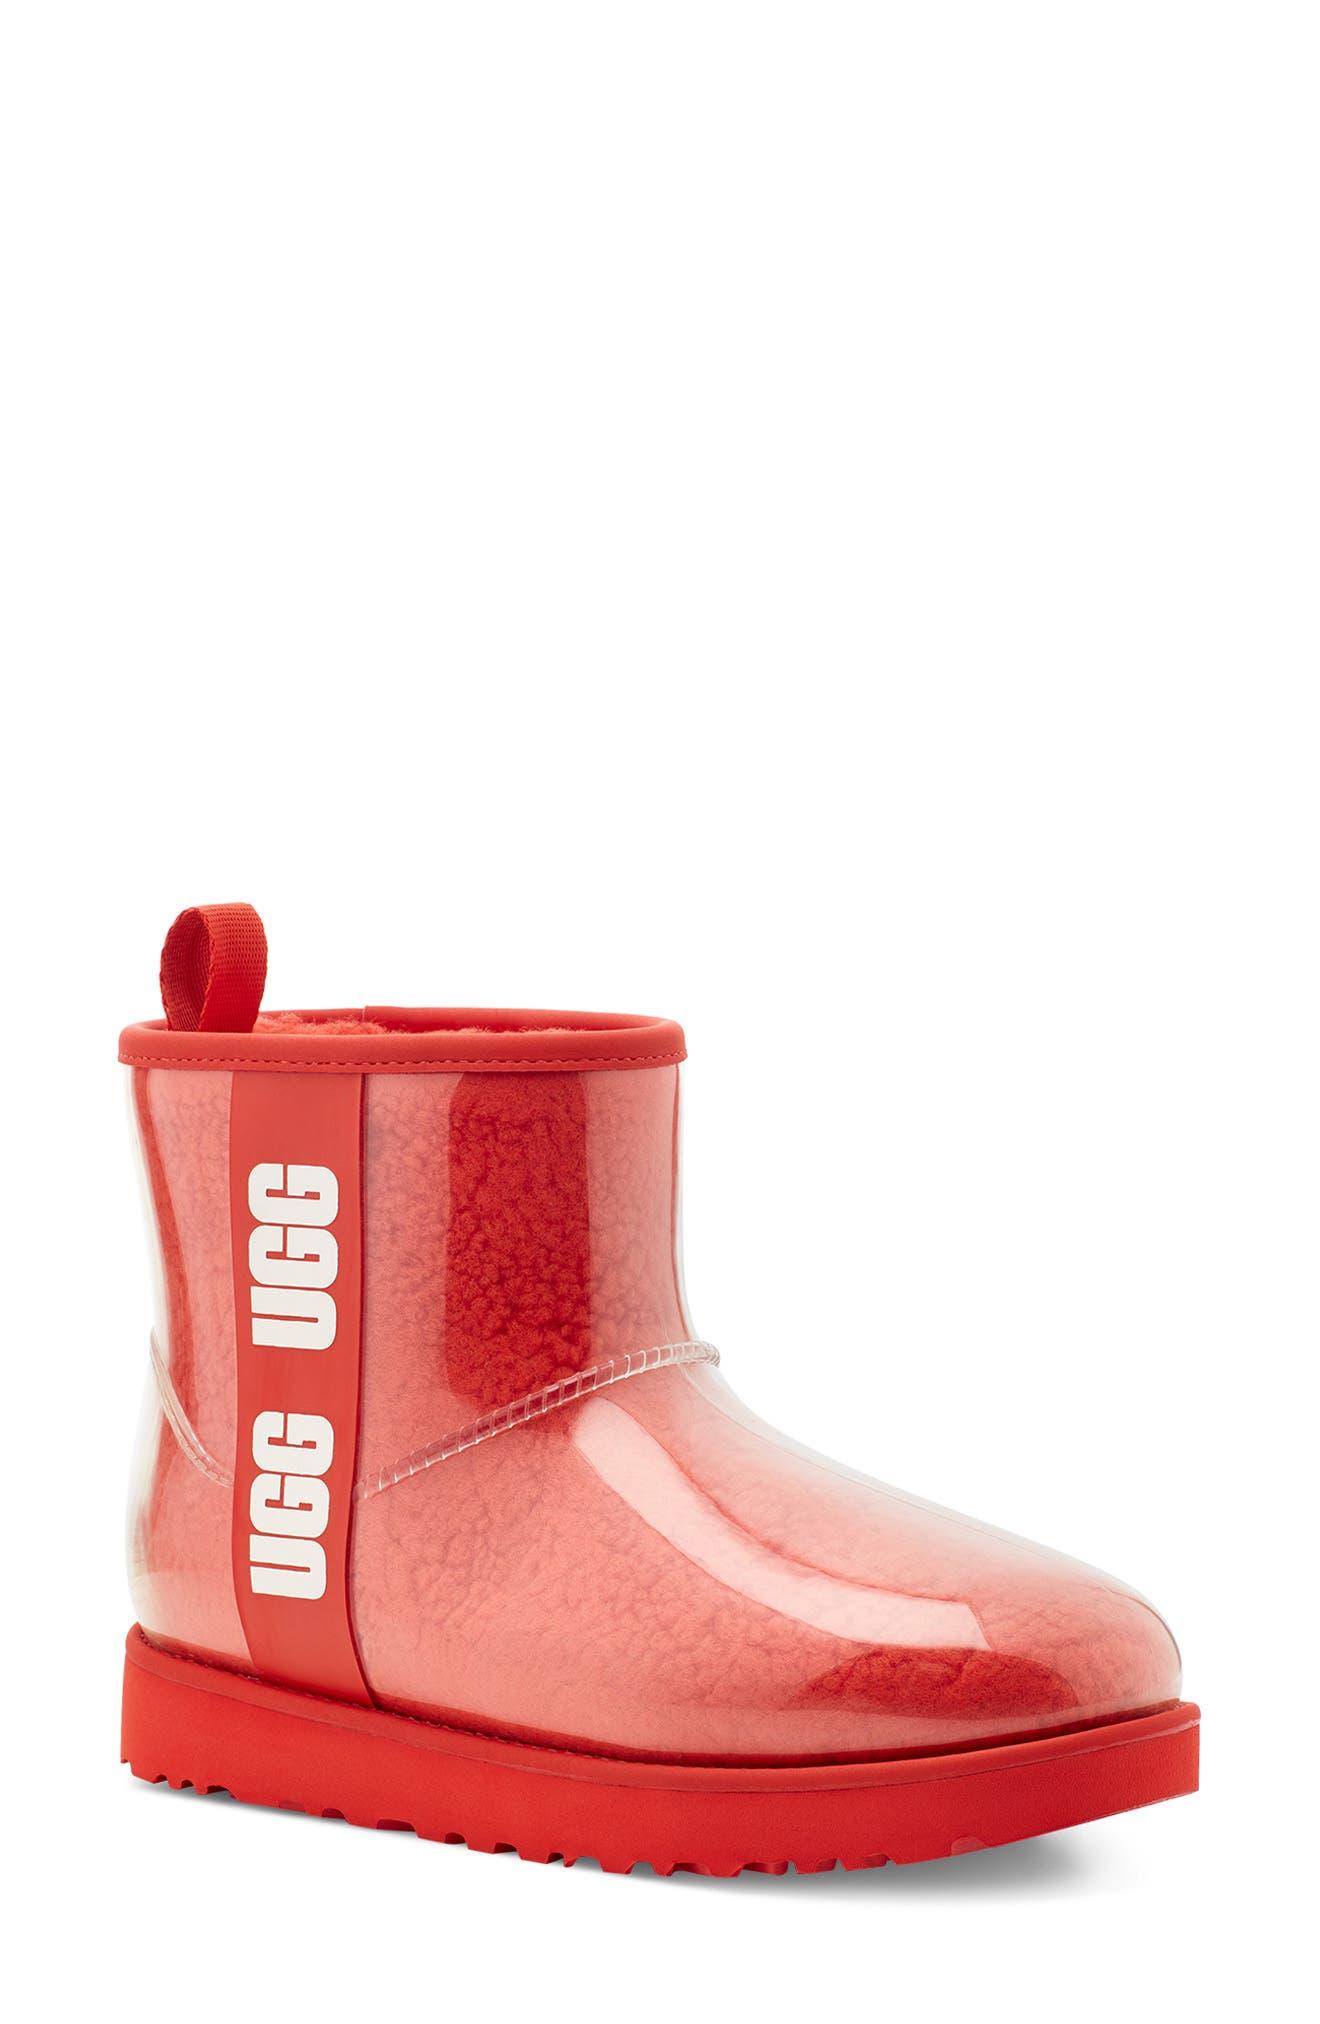 Women's Orange UGG® Shoes   Nordstrom